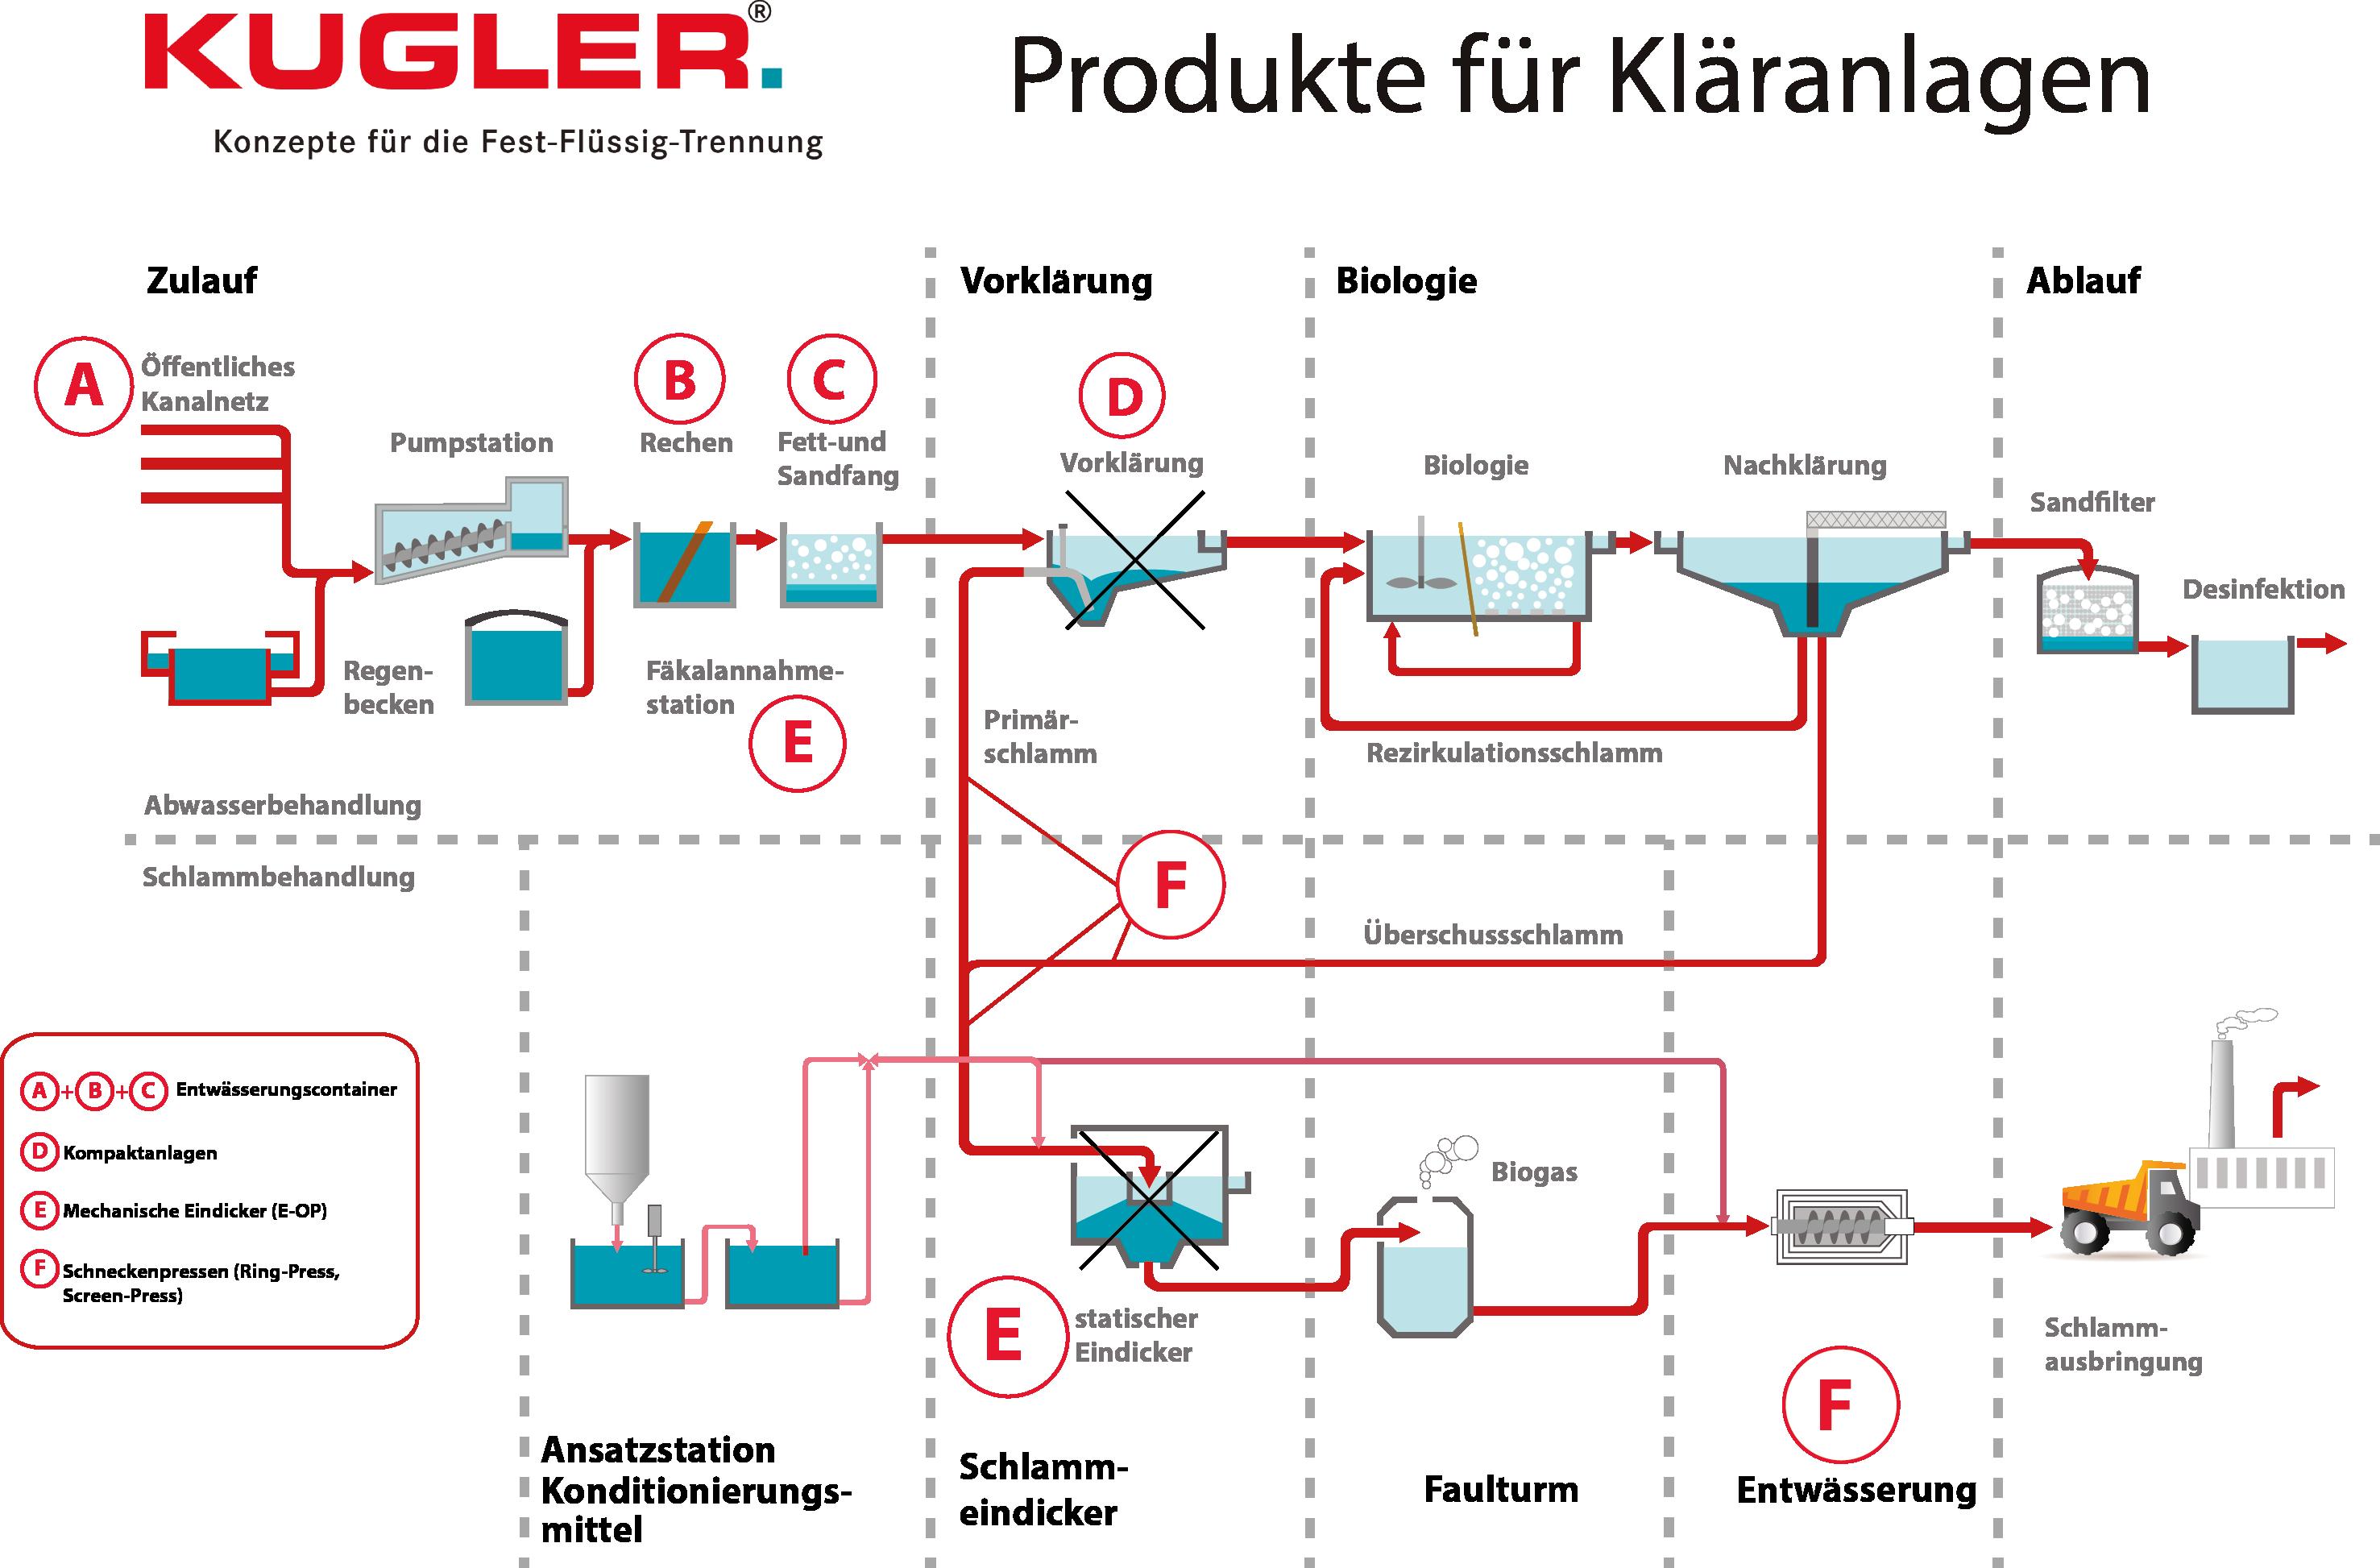 KUGLER® Produkte für Kläranlagen